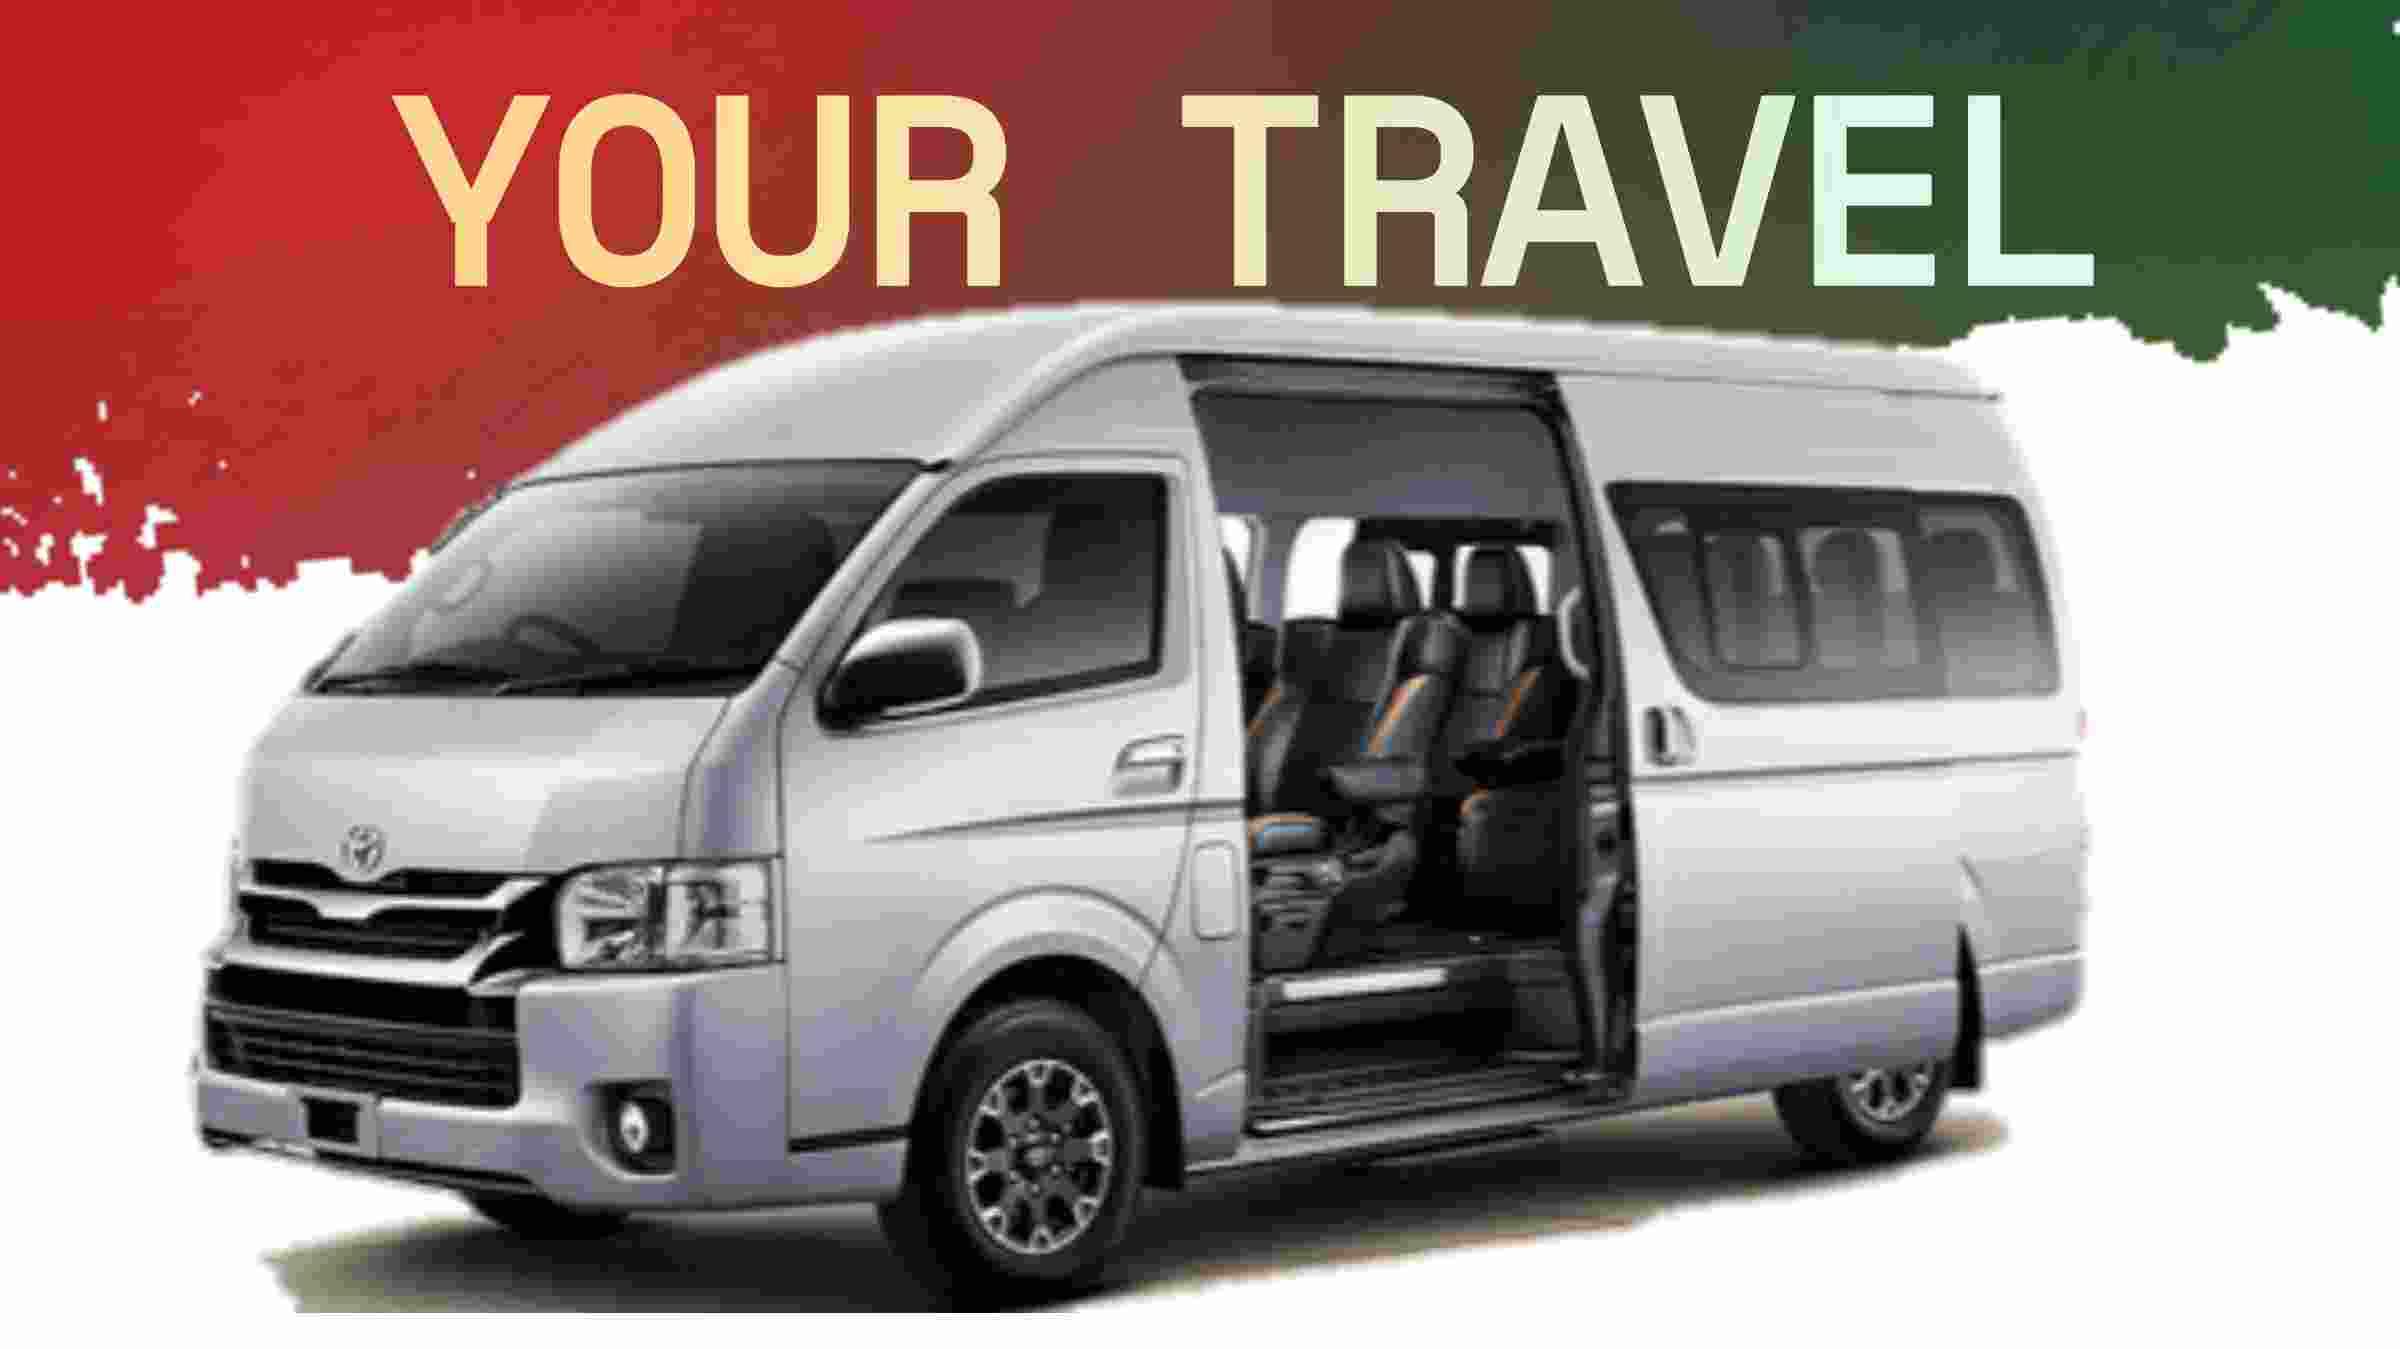 Travel Jakarta Selatan Lahat Antar Jemput